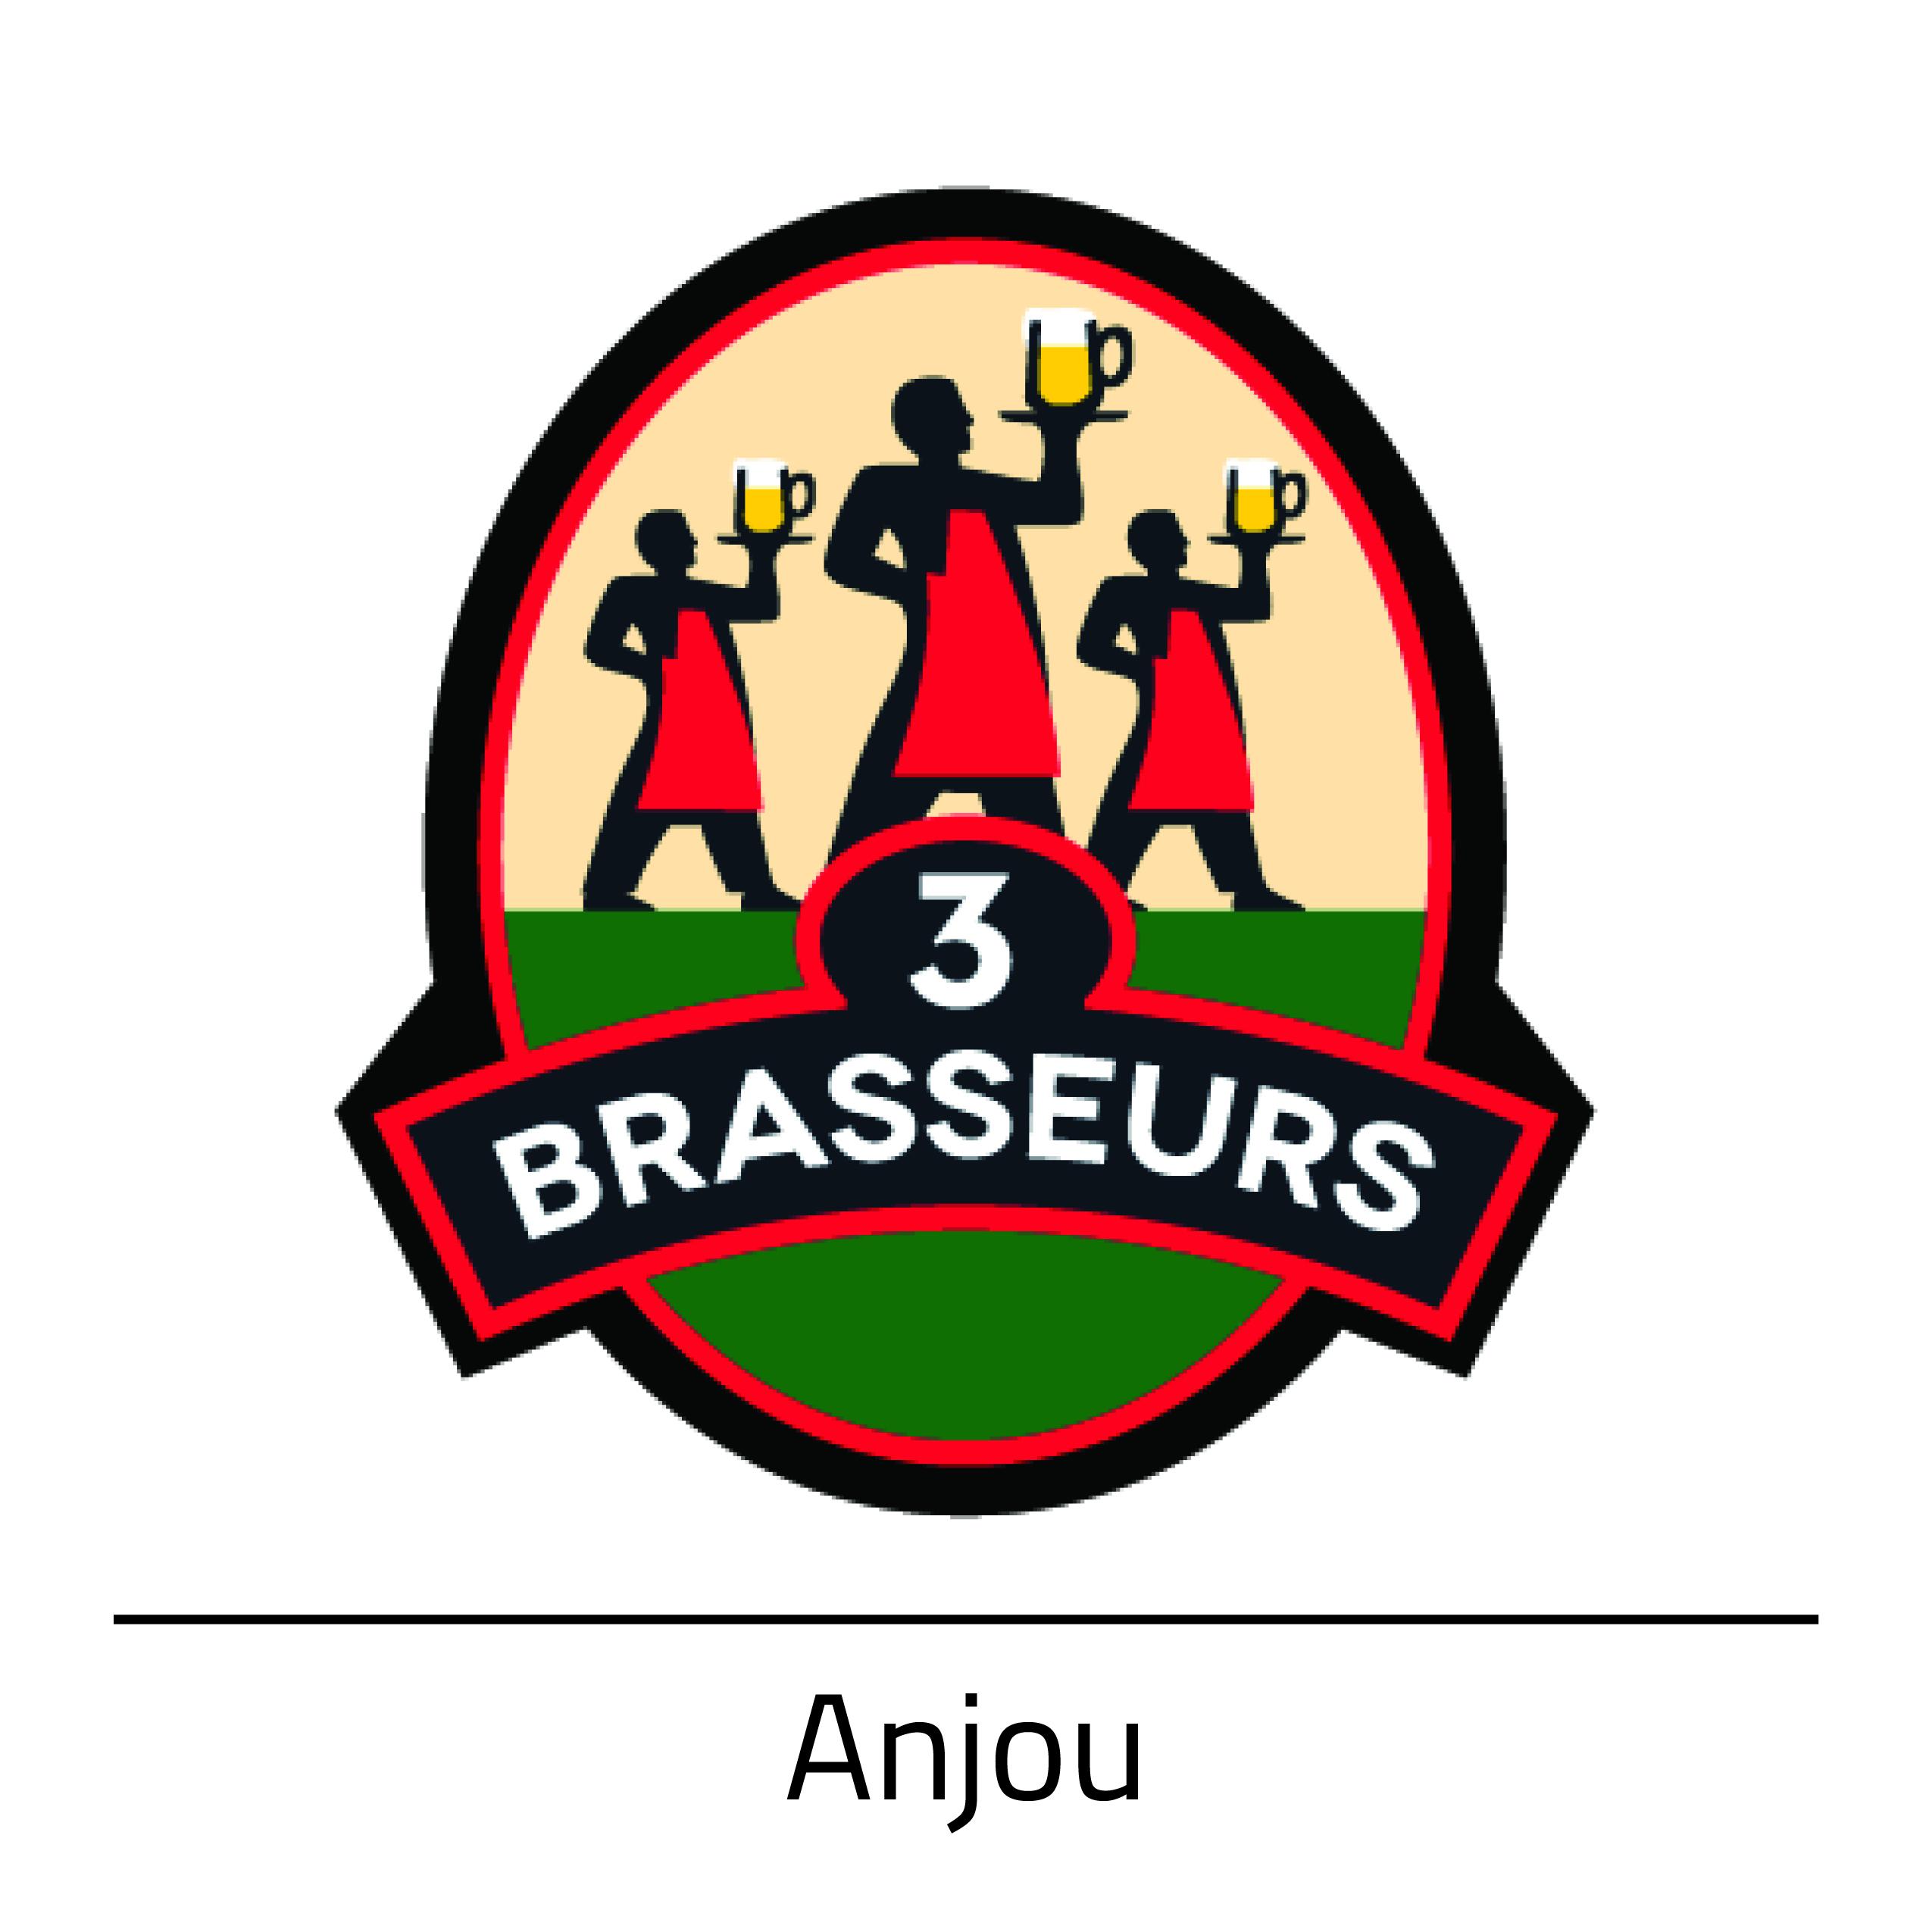 3 Brasseurs Anjou